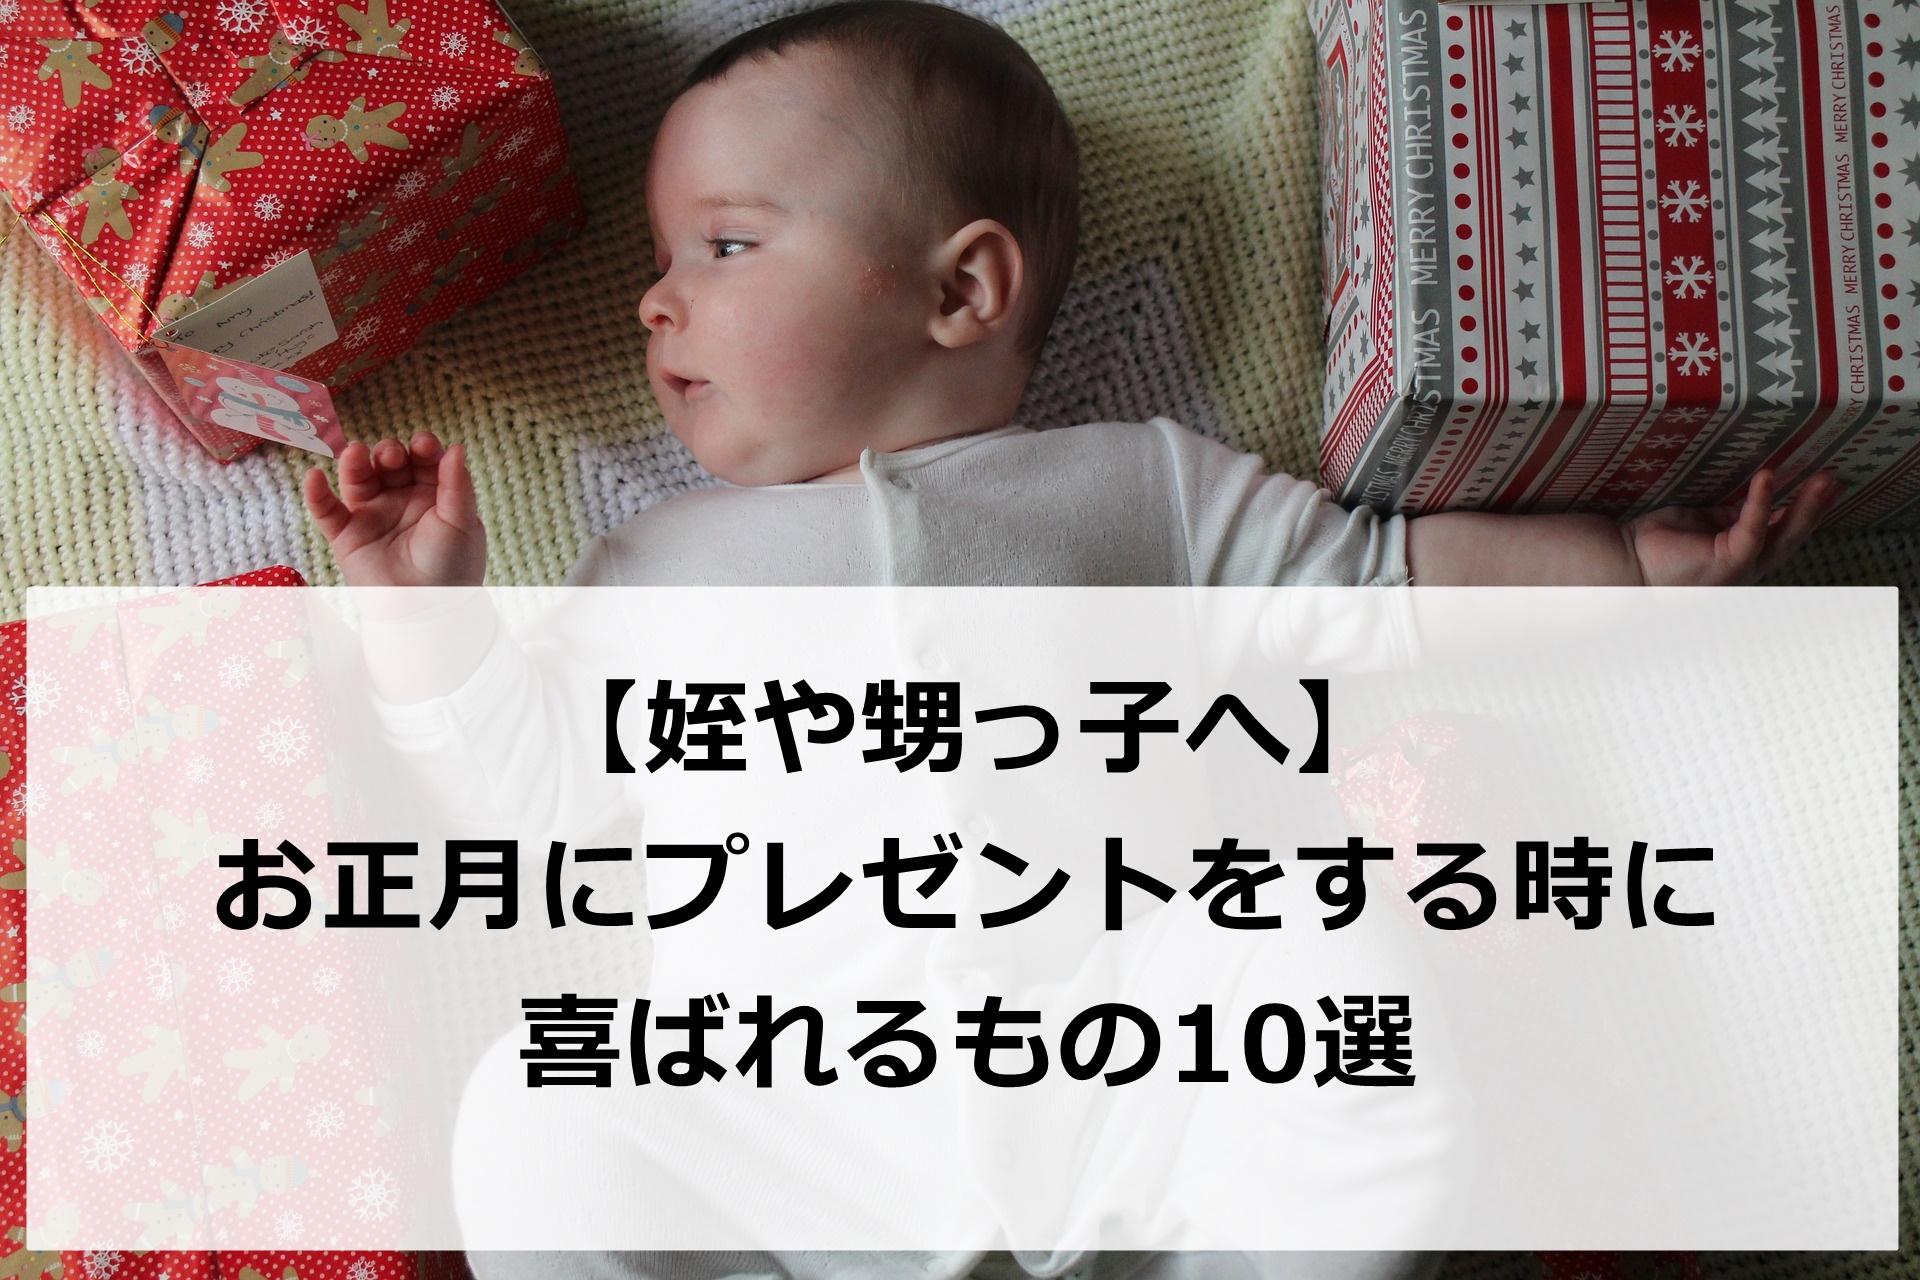 【姪甥へお正月にプレゼント】1歳の子供が必ず喜ぶもの10選